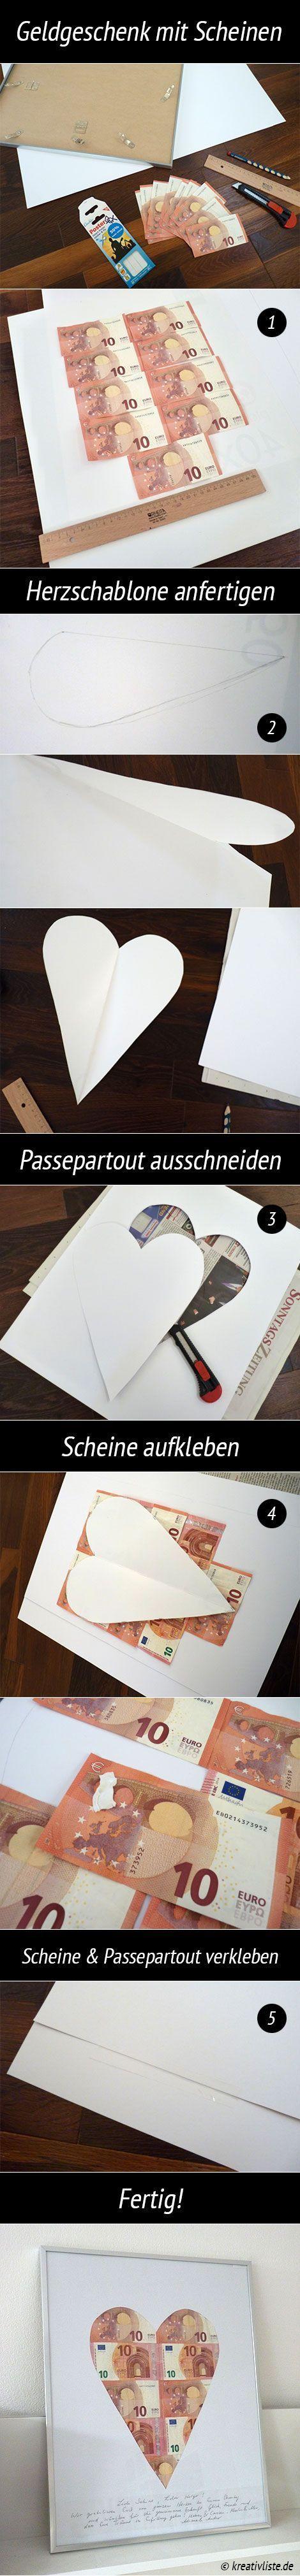 geldgeschenke-originell-verpacken.jpg 470×4.042 pixels